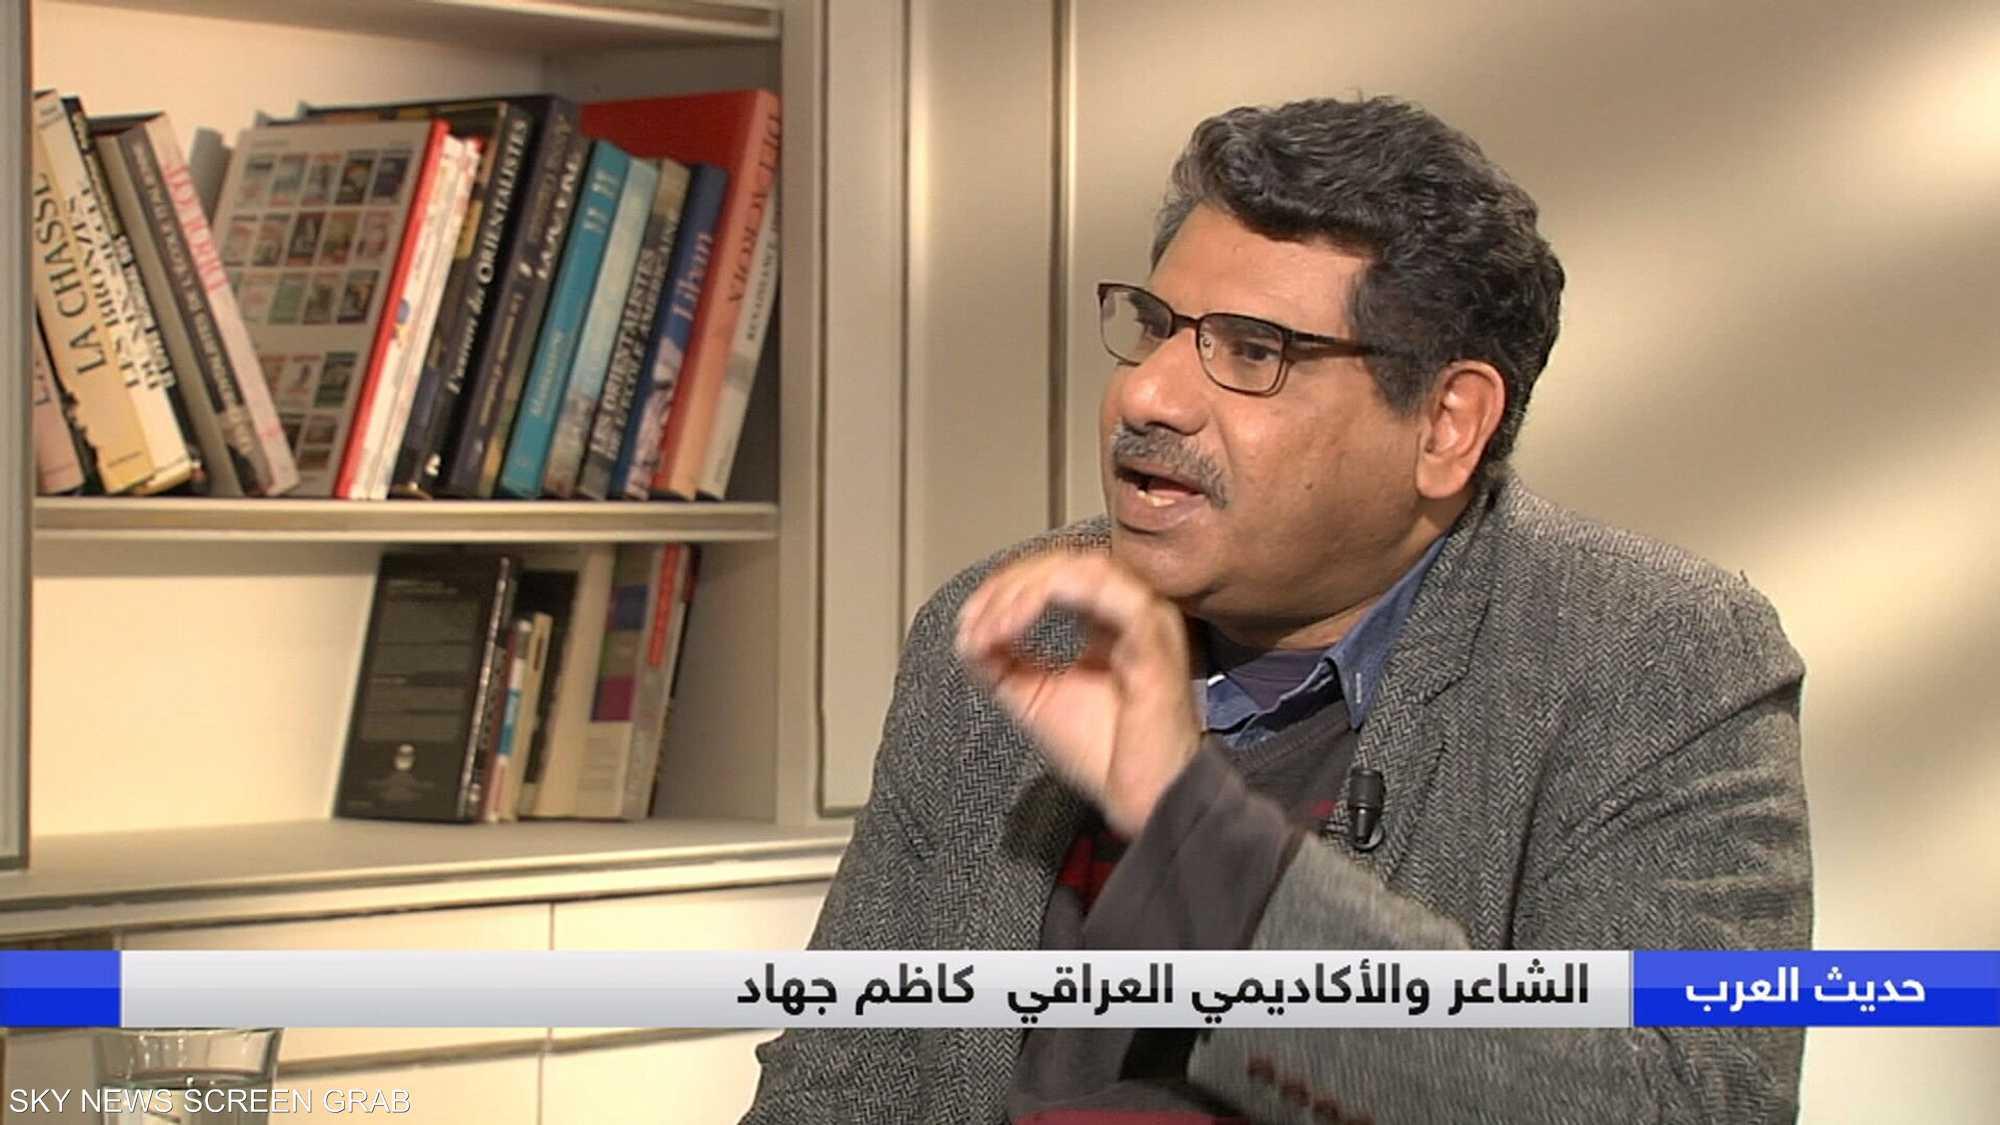 الشاعر والأكاديمي العراقي كاظم جهاد ضيف حديث العرب